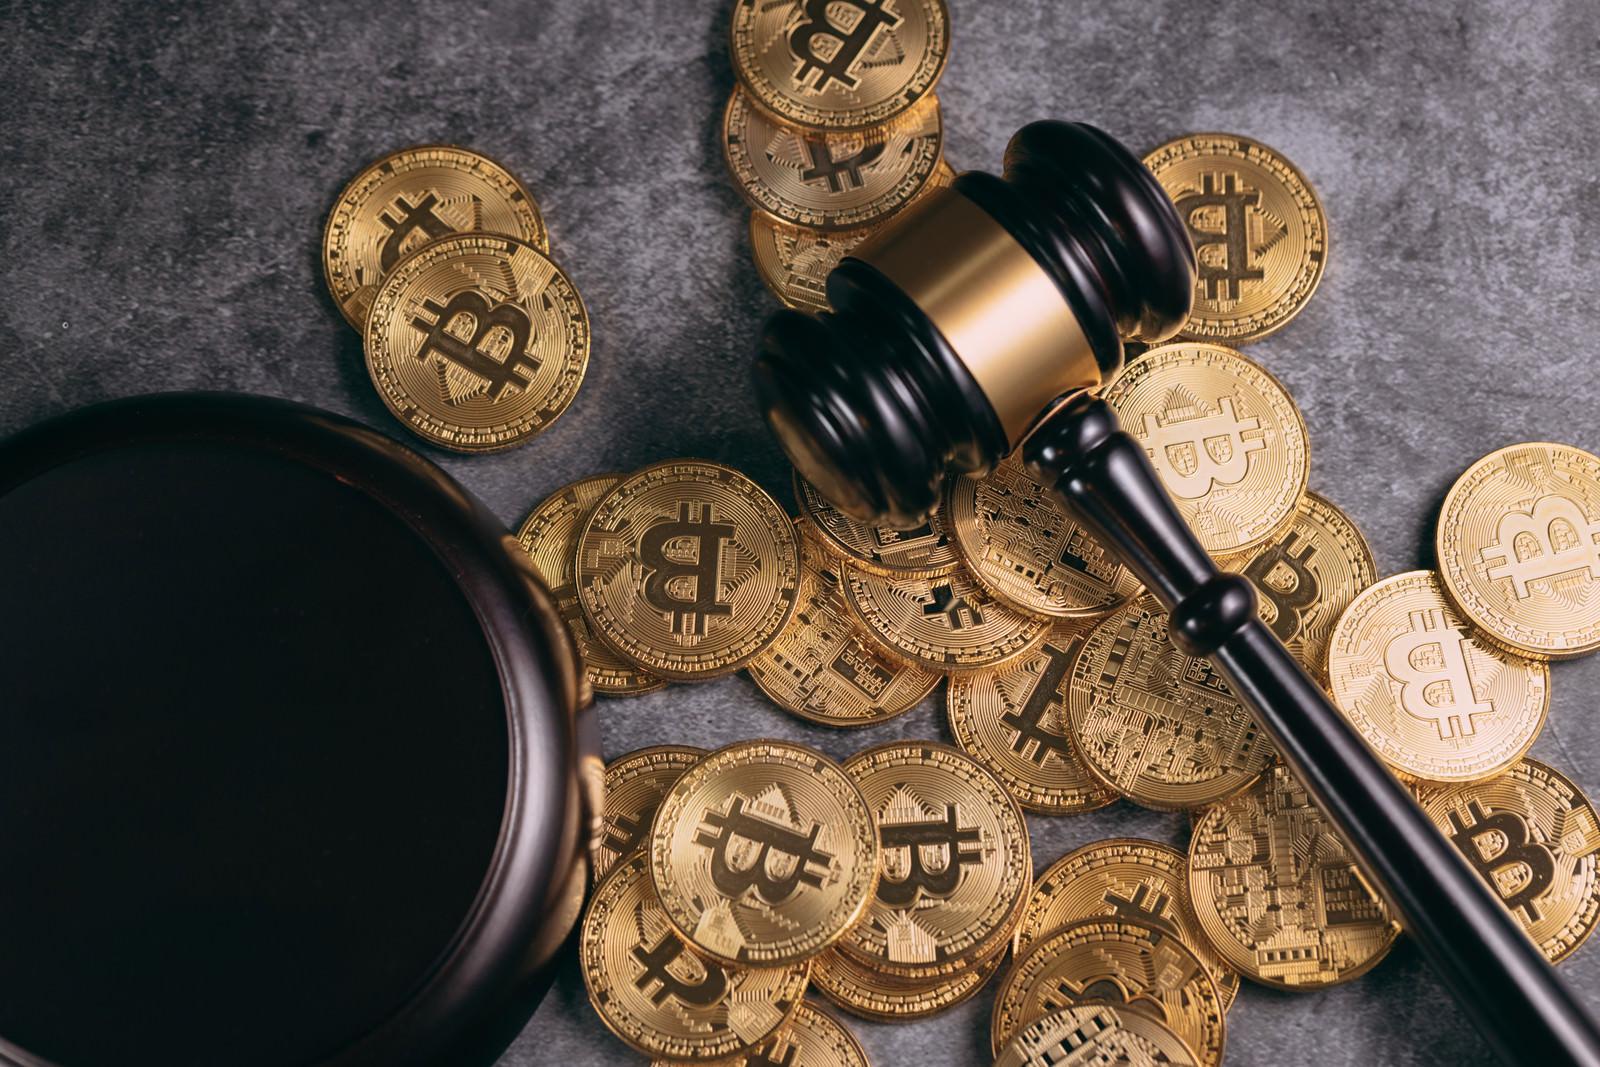 「散らばったビットコインとガベル(小槌)」の写真